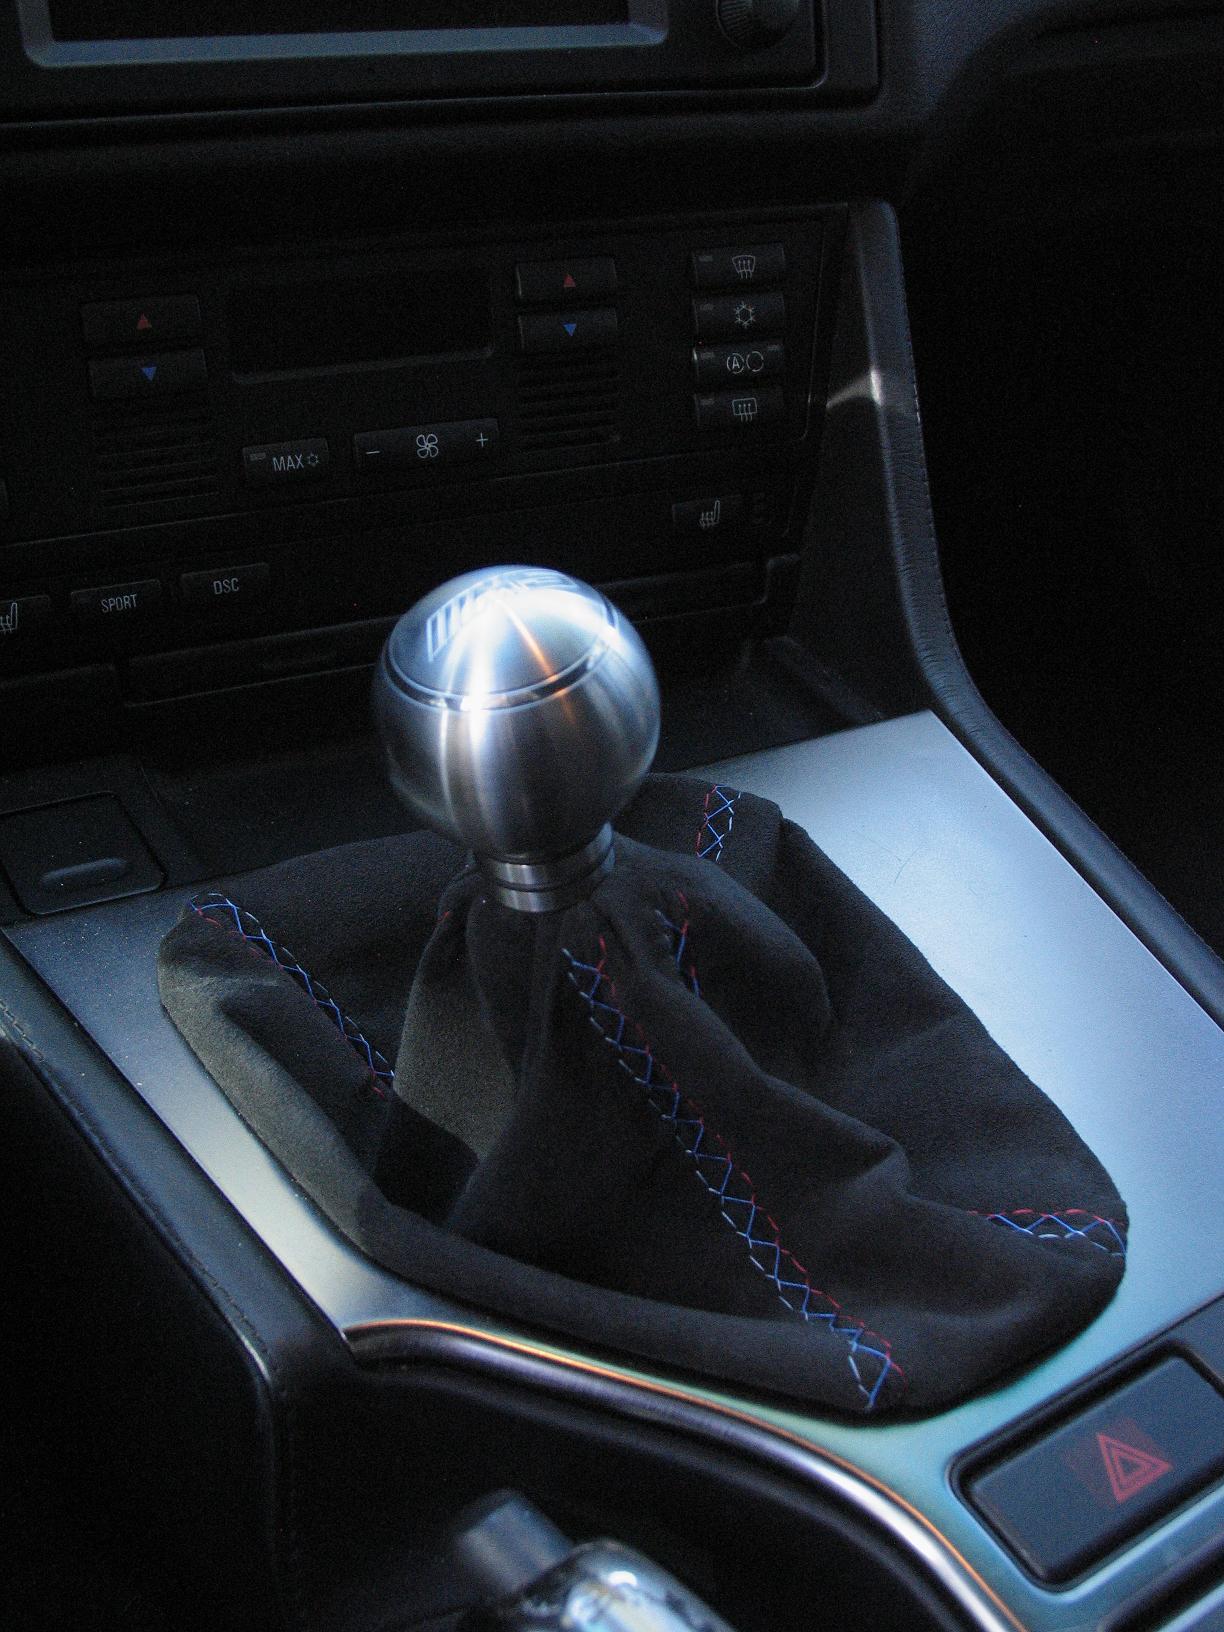 6 speed pattern E39 M5 shift knob in Aluminum-new-knob-new-boot-005.jpg